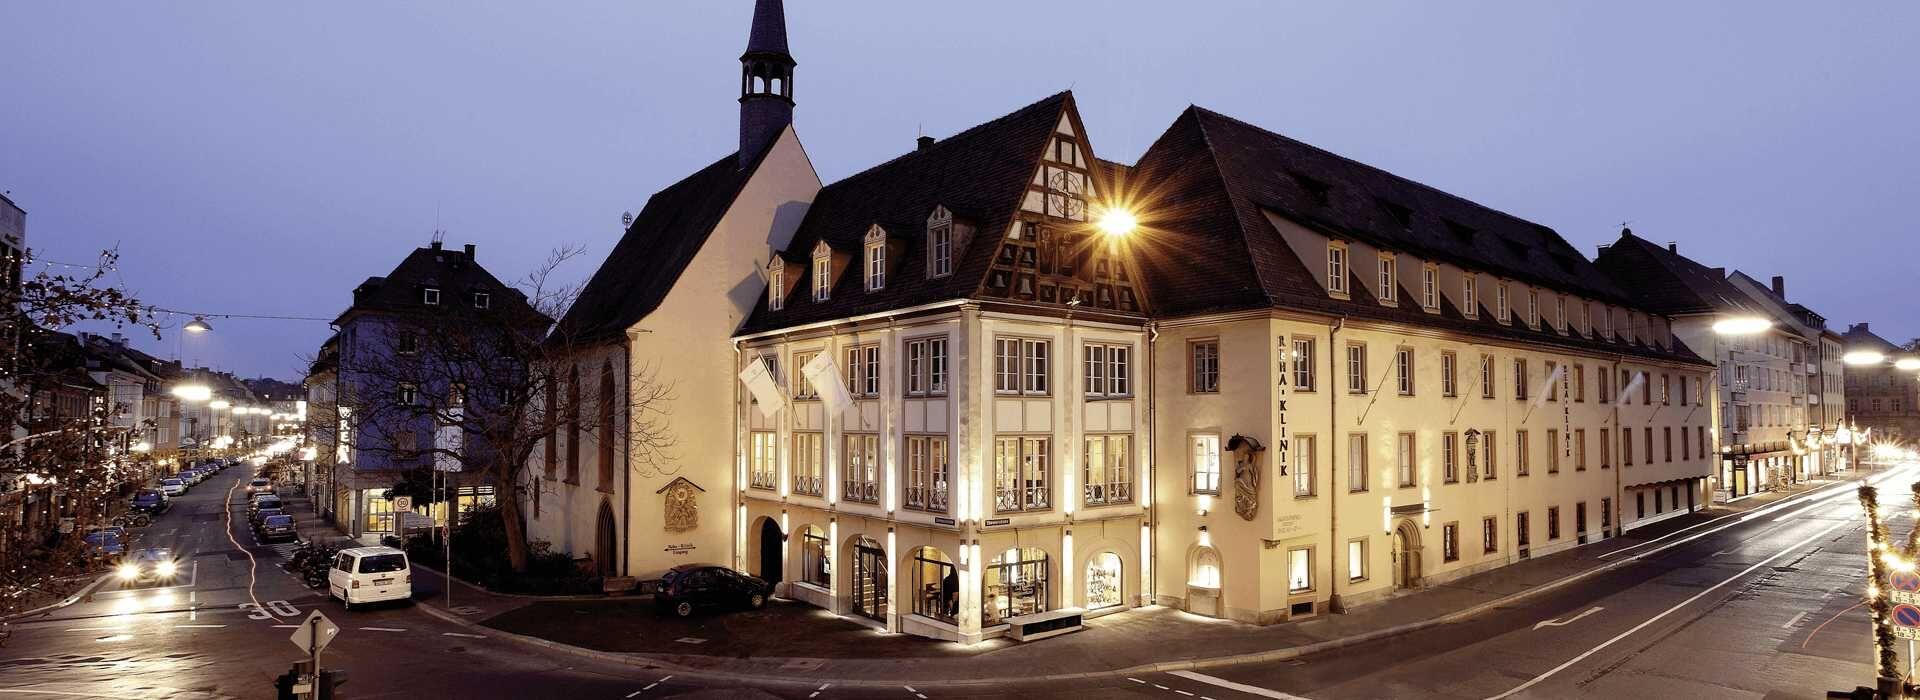 Anfahrt und Öffnungszeiten Bürgerspital Weingut Würzburg